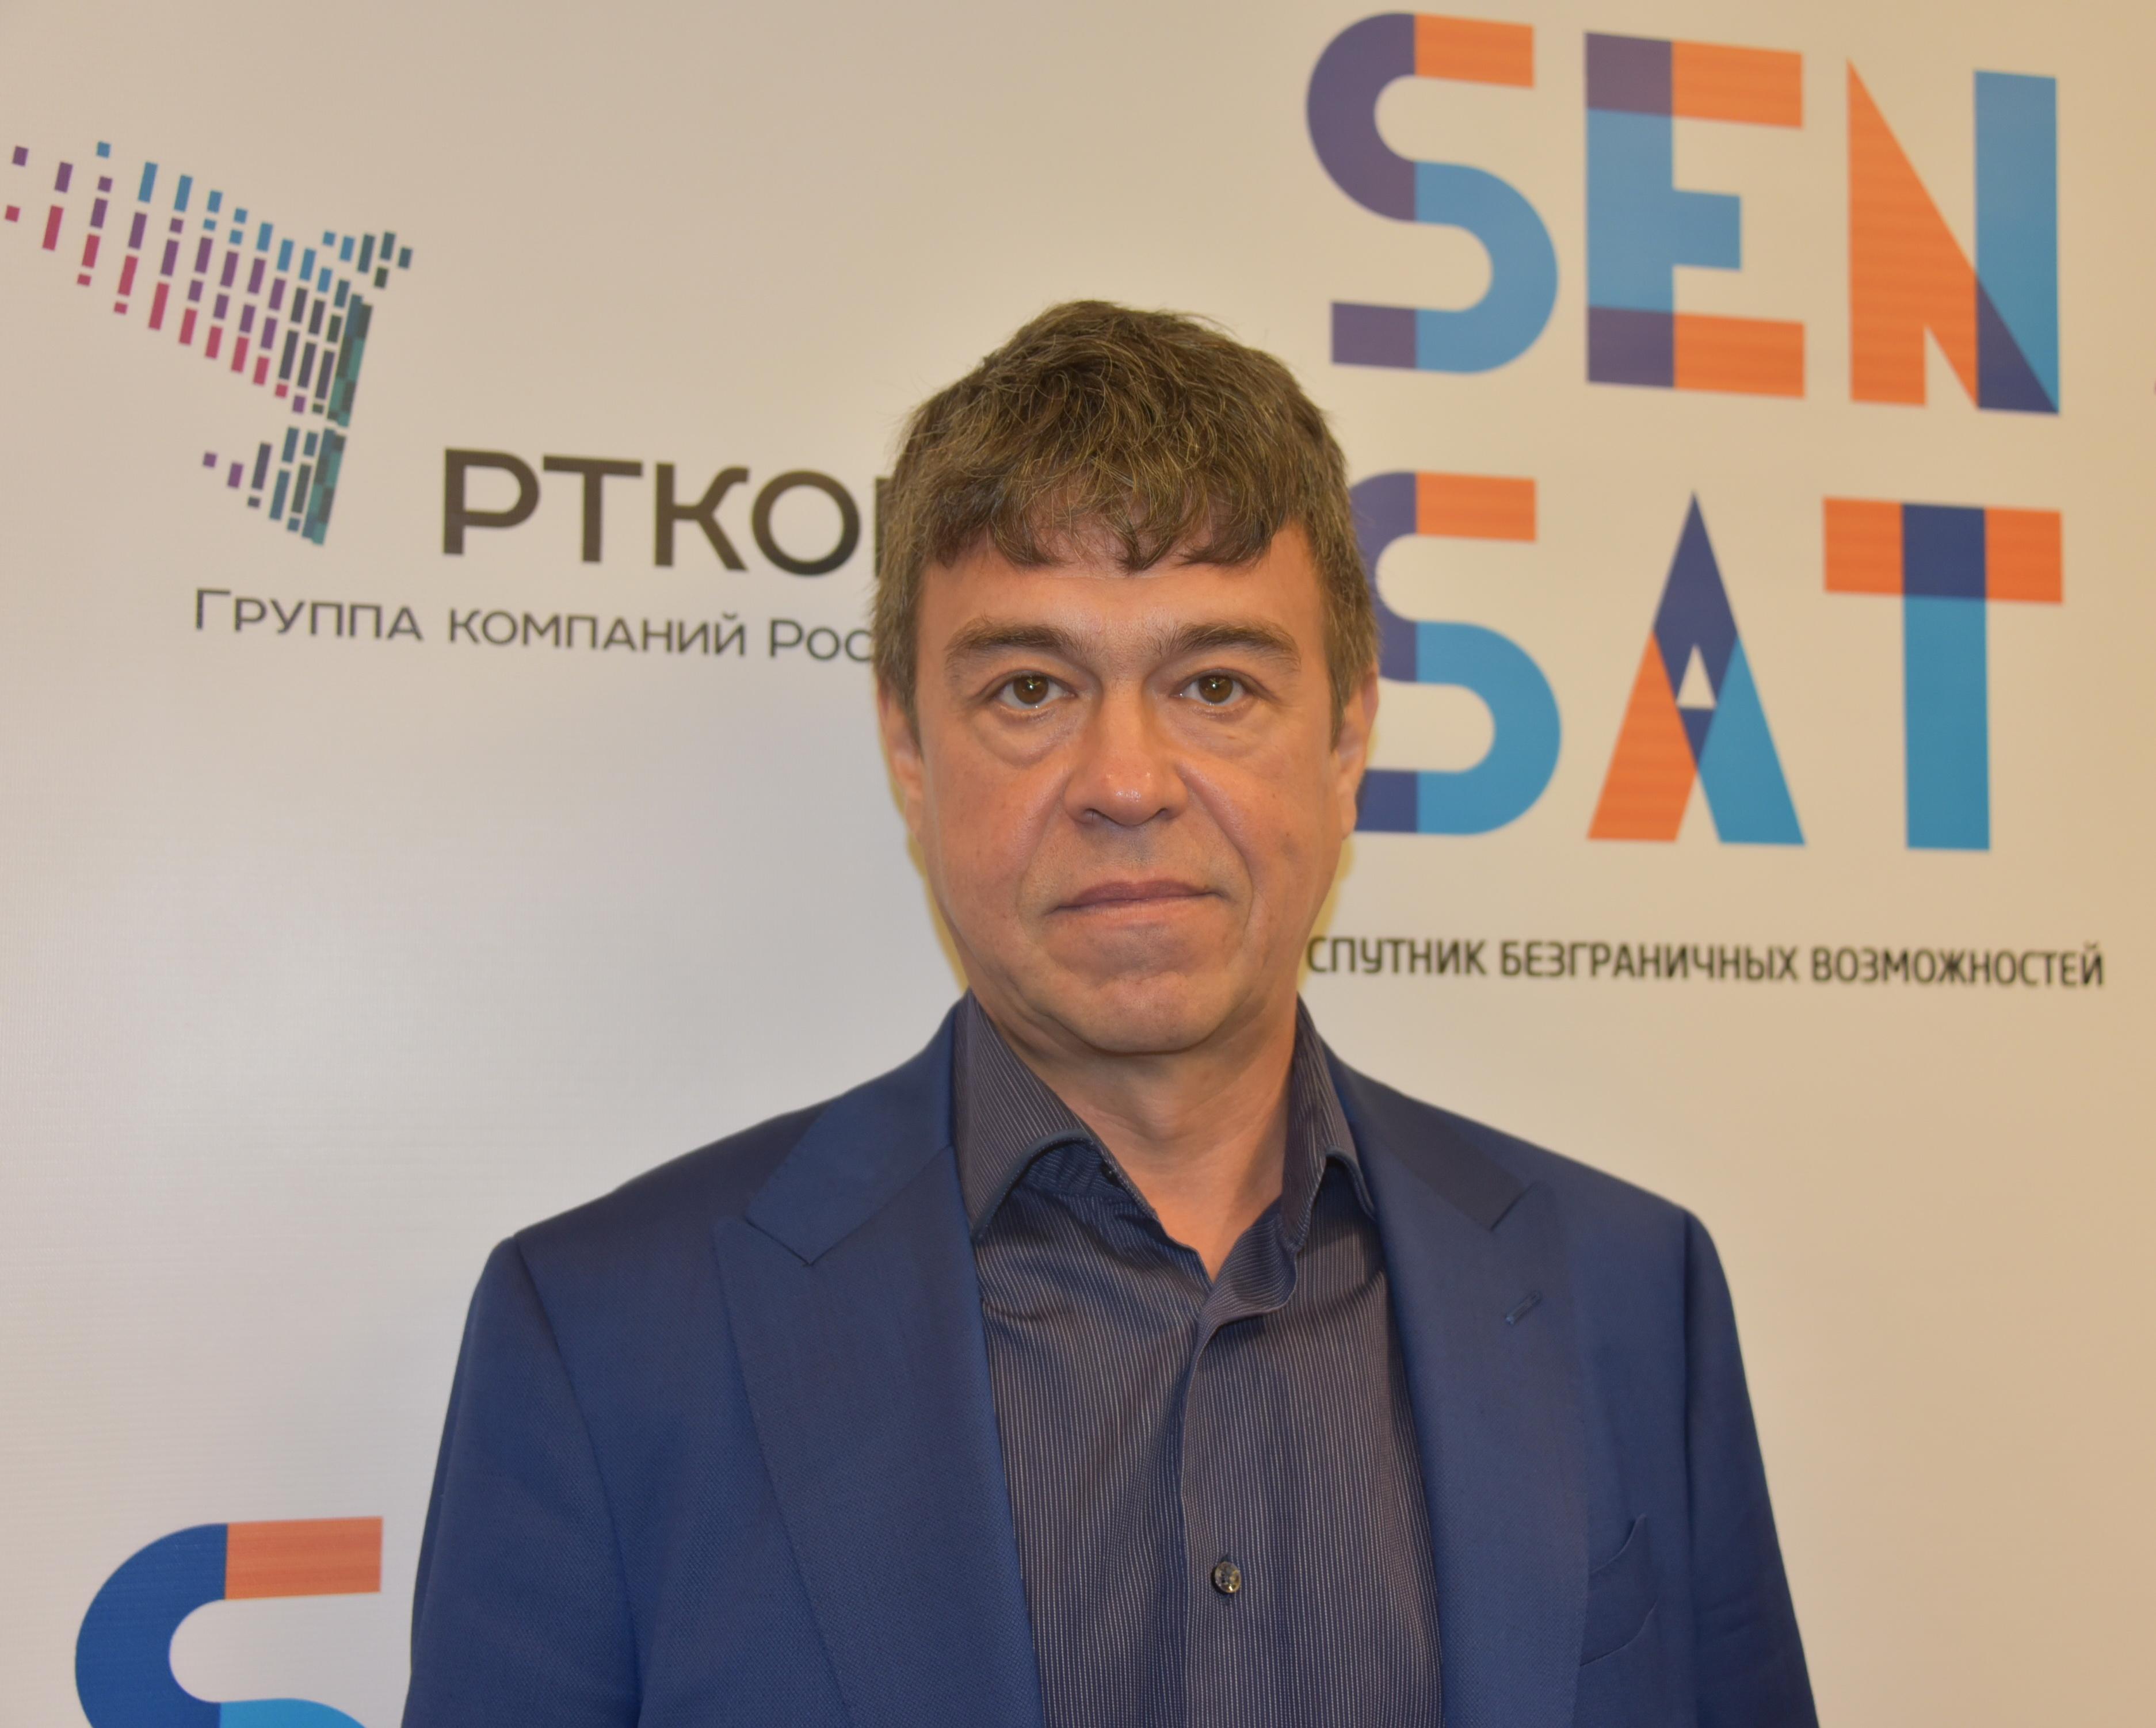 В Башкирии объявили о старте подключений к спутниковому интернету от SenSat